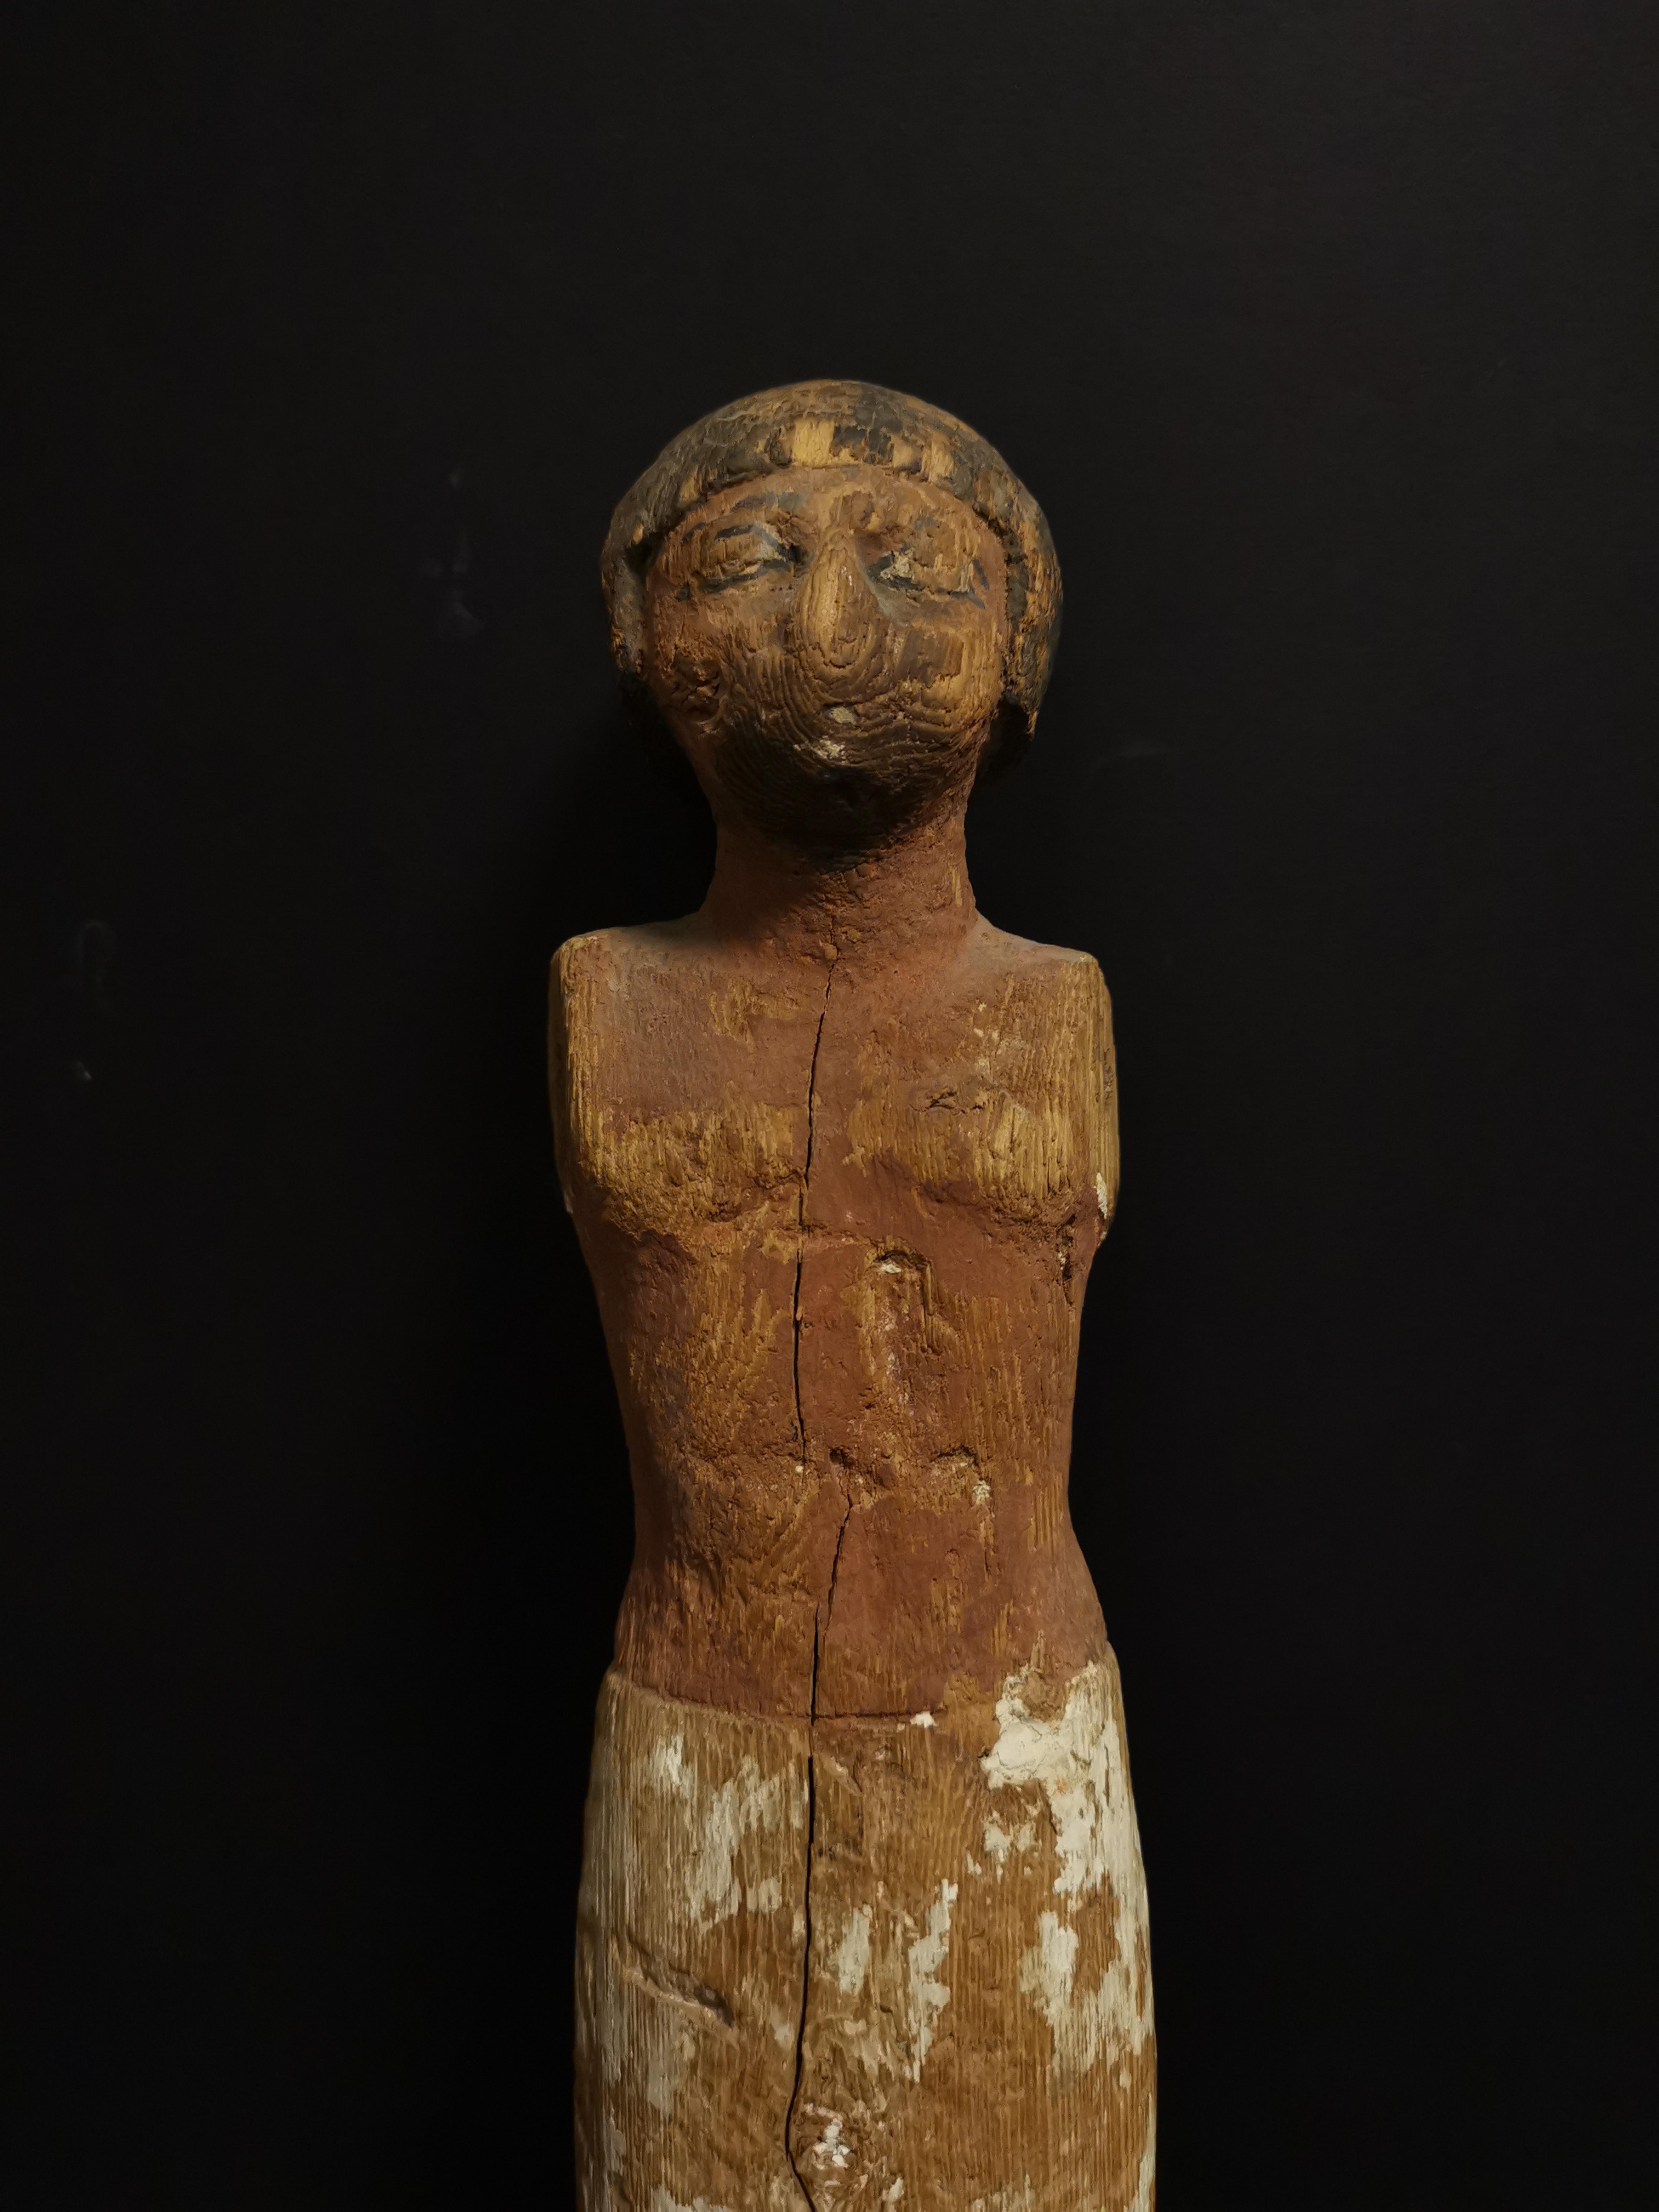 Statuette en ronde bosse représentant un homme debout vêtu d'un pagne. Les détails [...] - Image 3 of 4